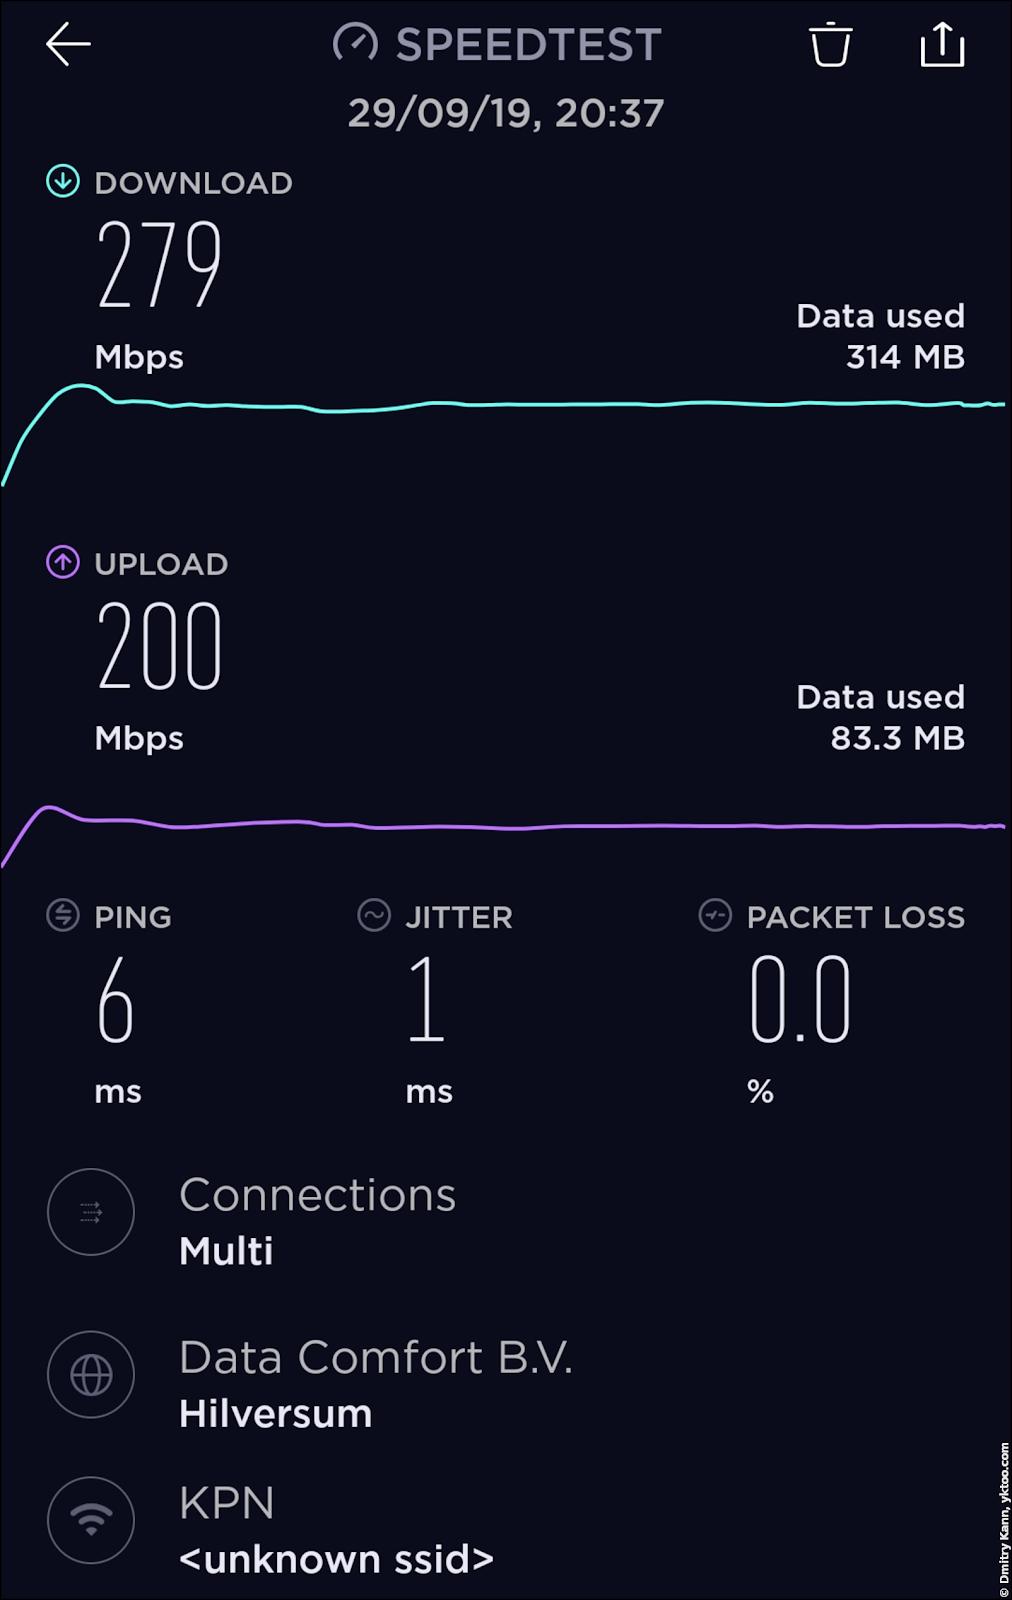 Скорость Wi-Fi вдали от роутера и сателлита — speedtest.net.